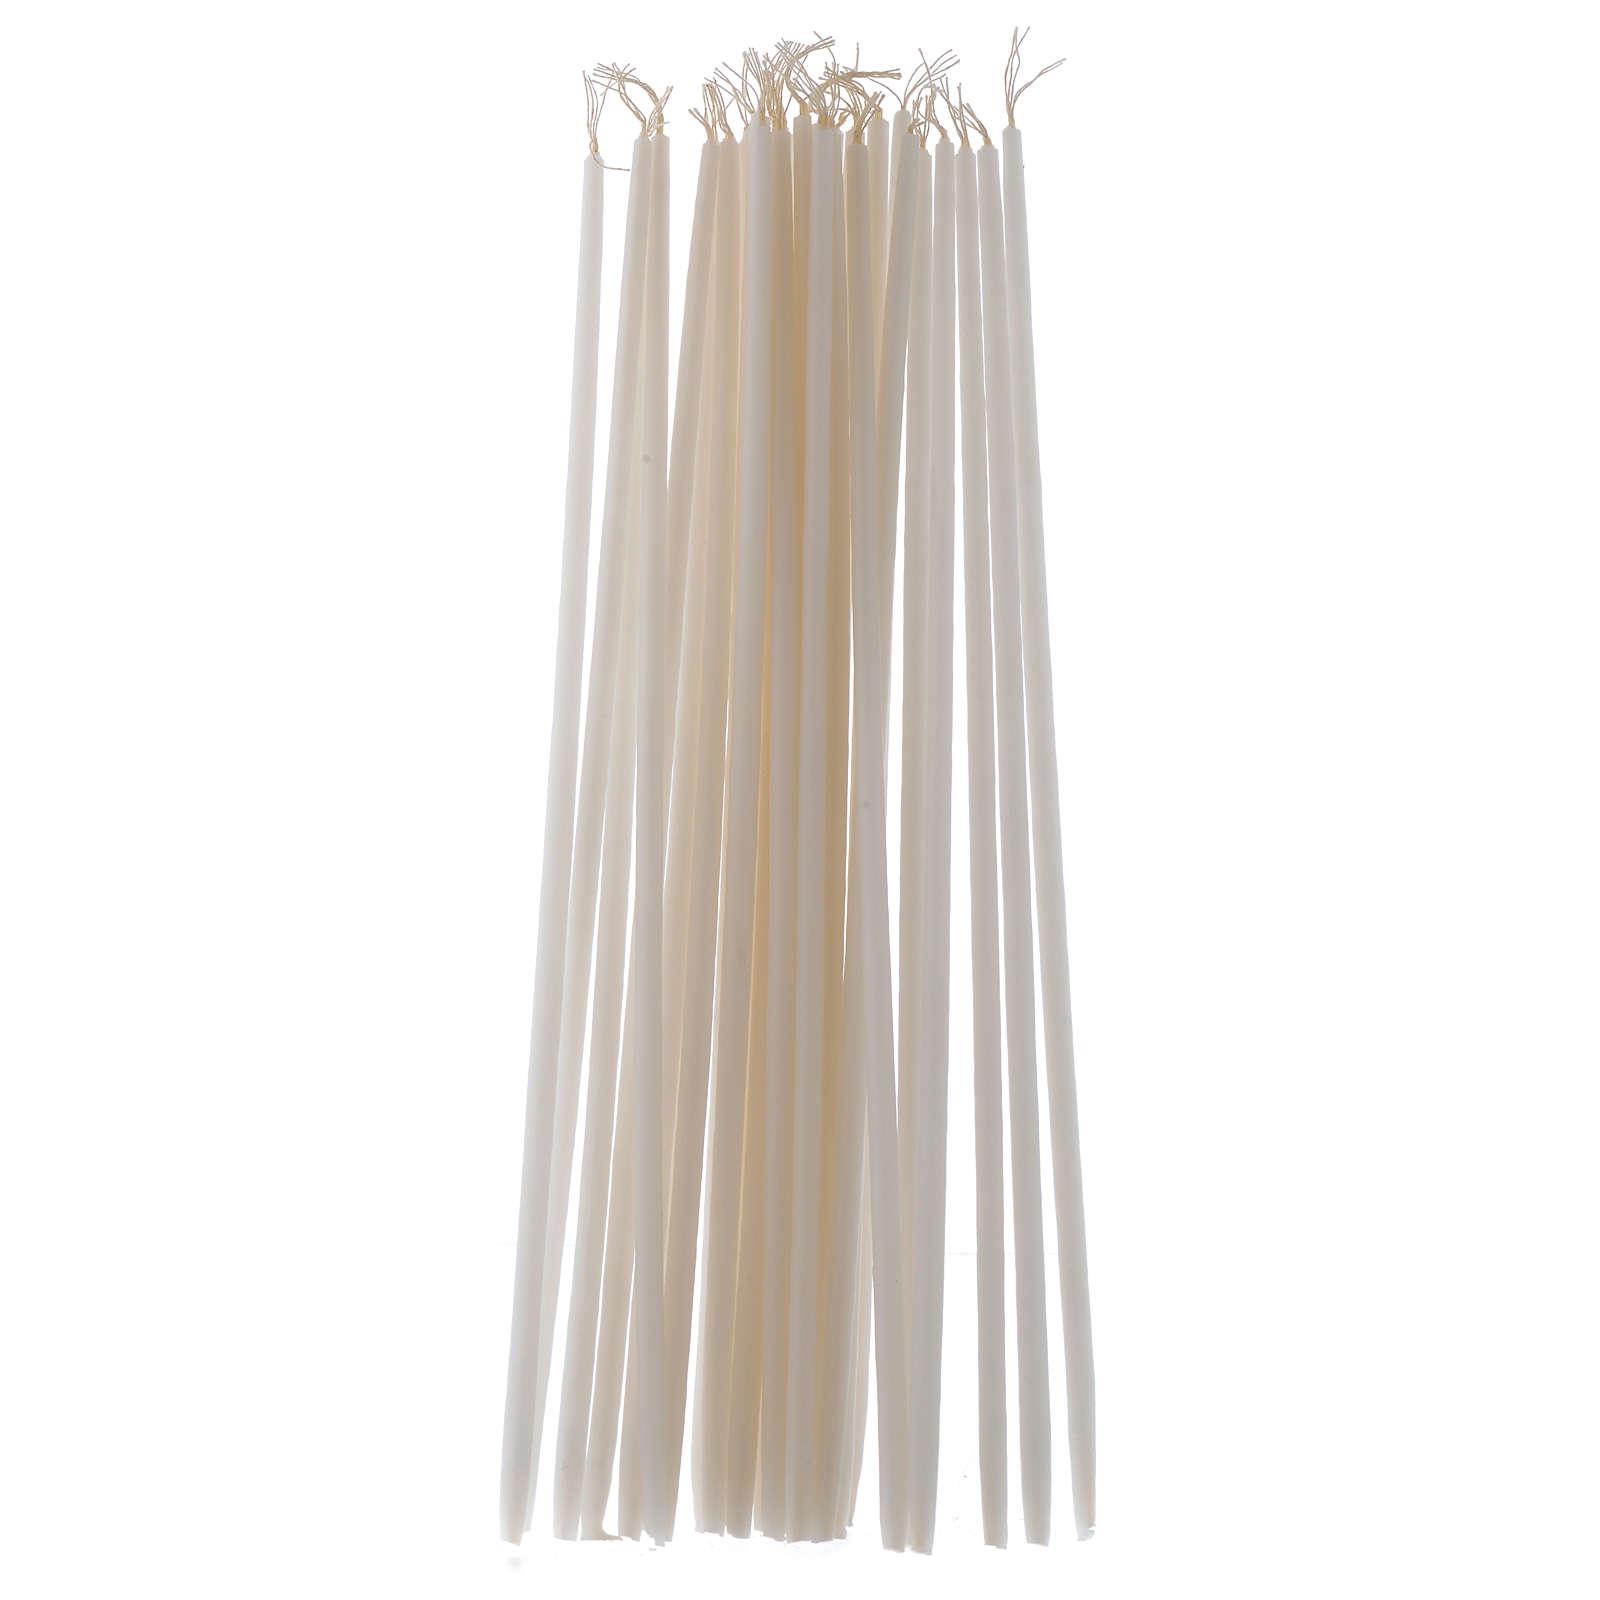 Świeczki bez kapiącego wosku (opakowanie 100 sztuk) 3